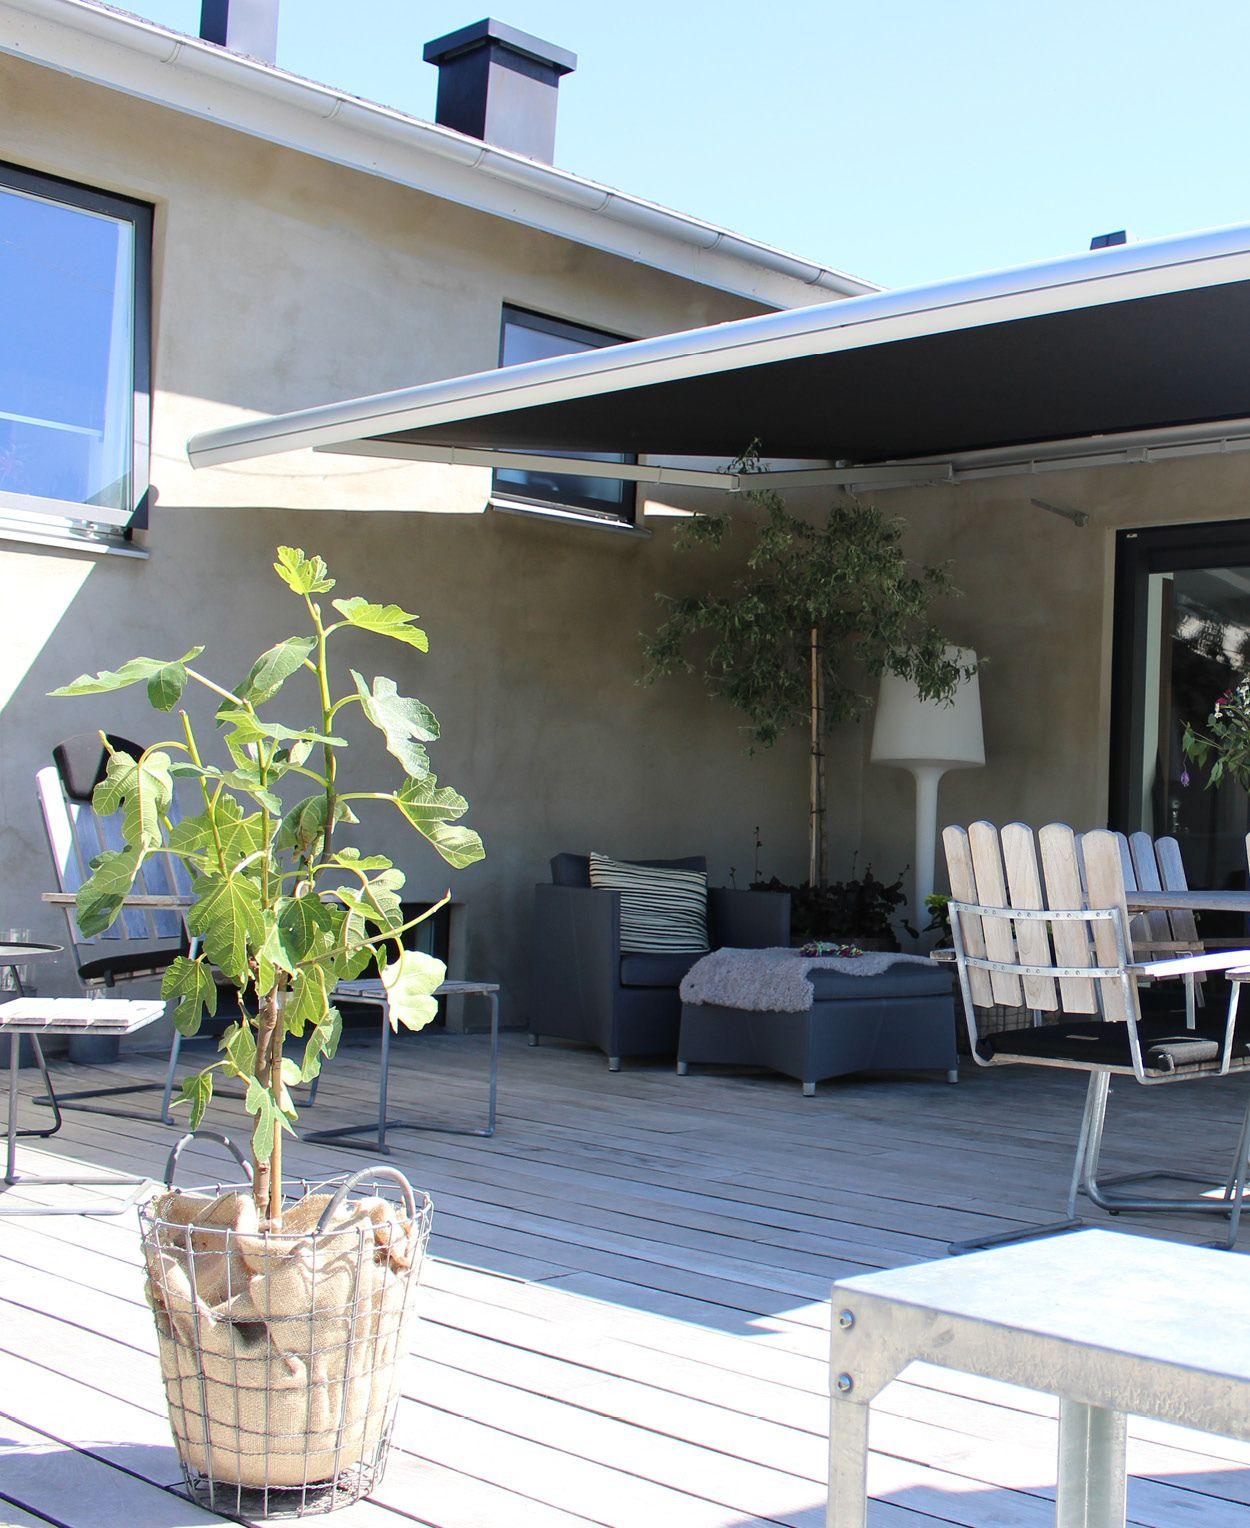 Morris Interiör erbjuder utvändiga solskydd som markis, pergola och zip-screen som produkt för solskydd